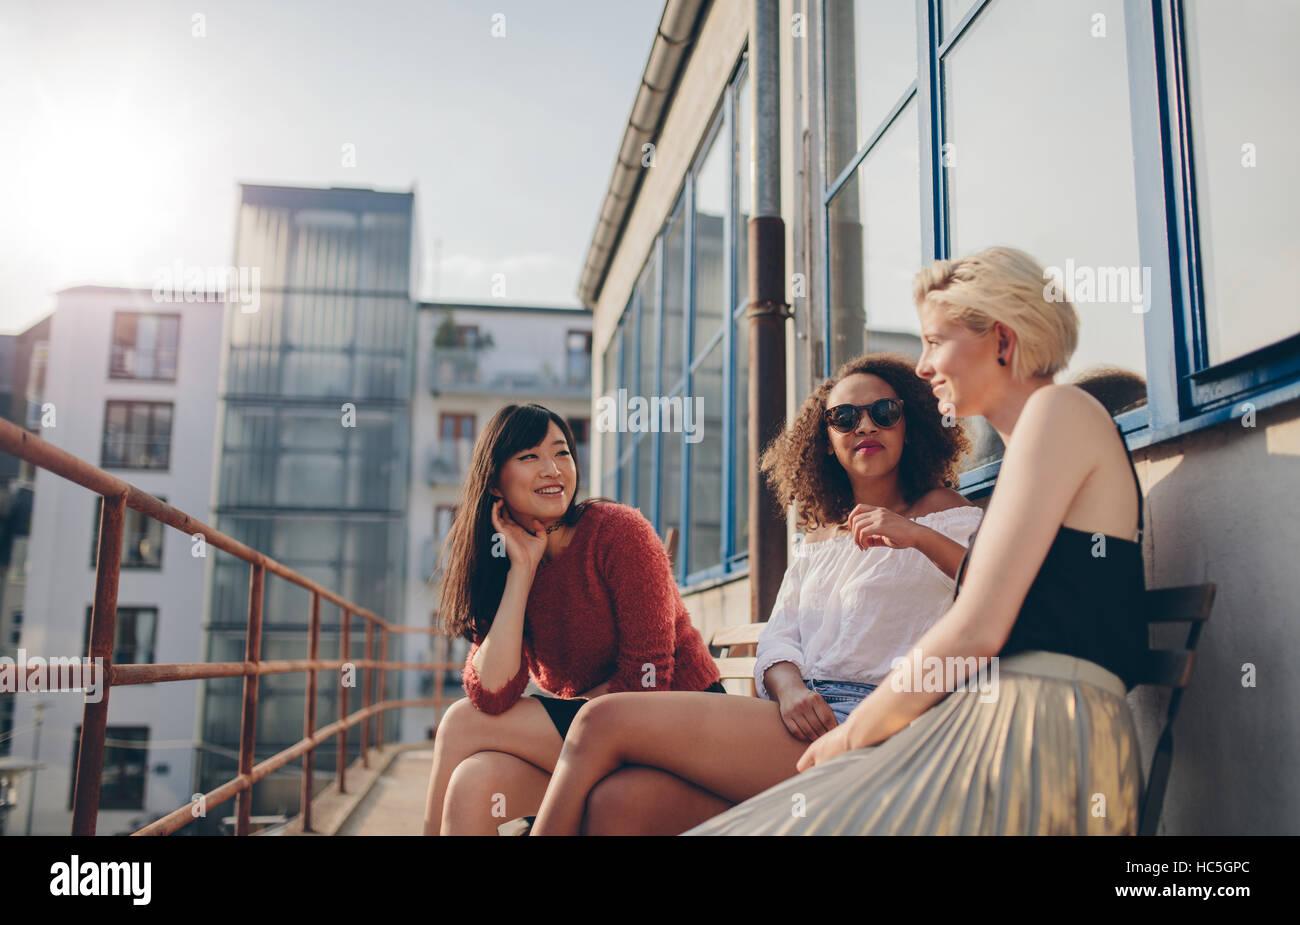 Tre giovani femmine amici seduti in balcone. Le donne di relax all'aperto e chat. Immagini Stock